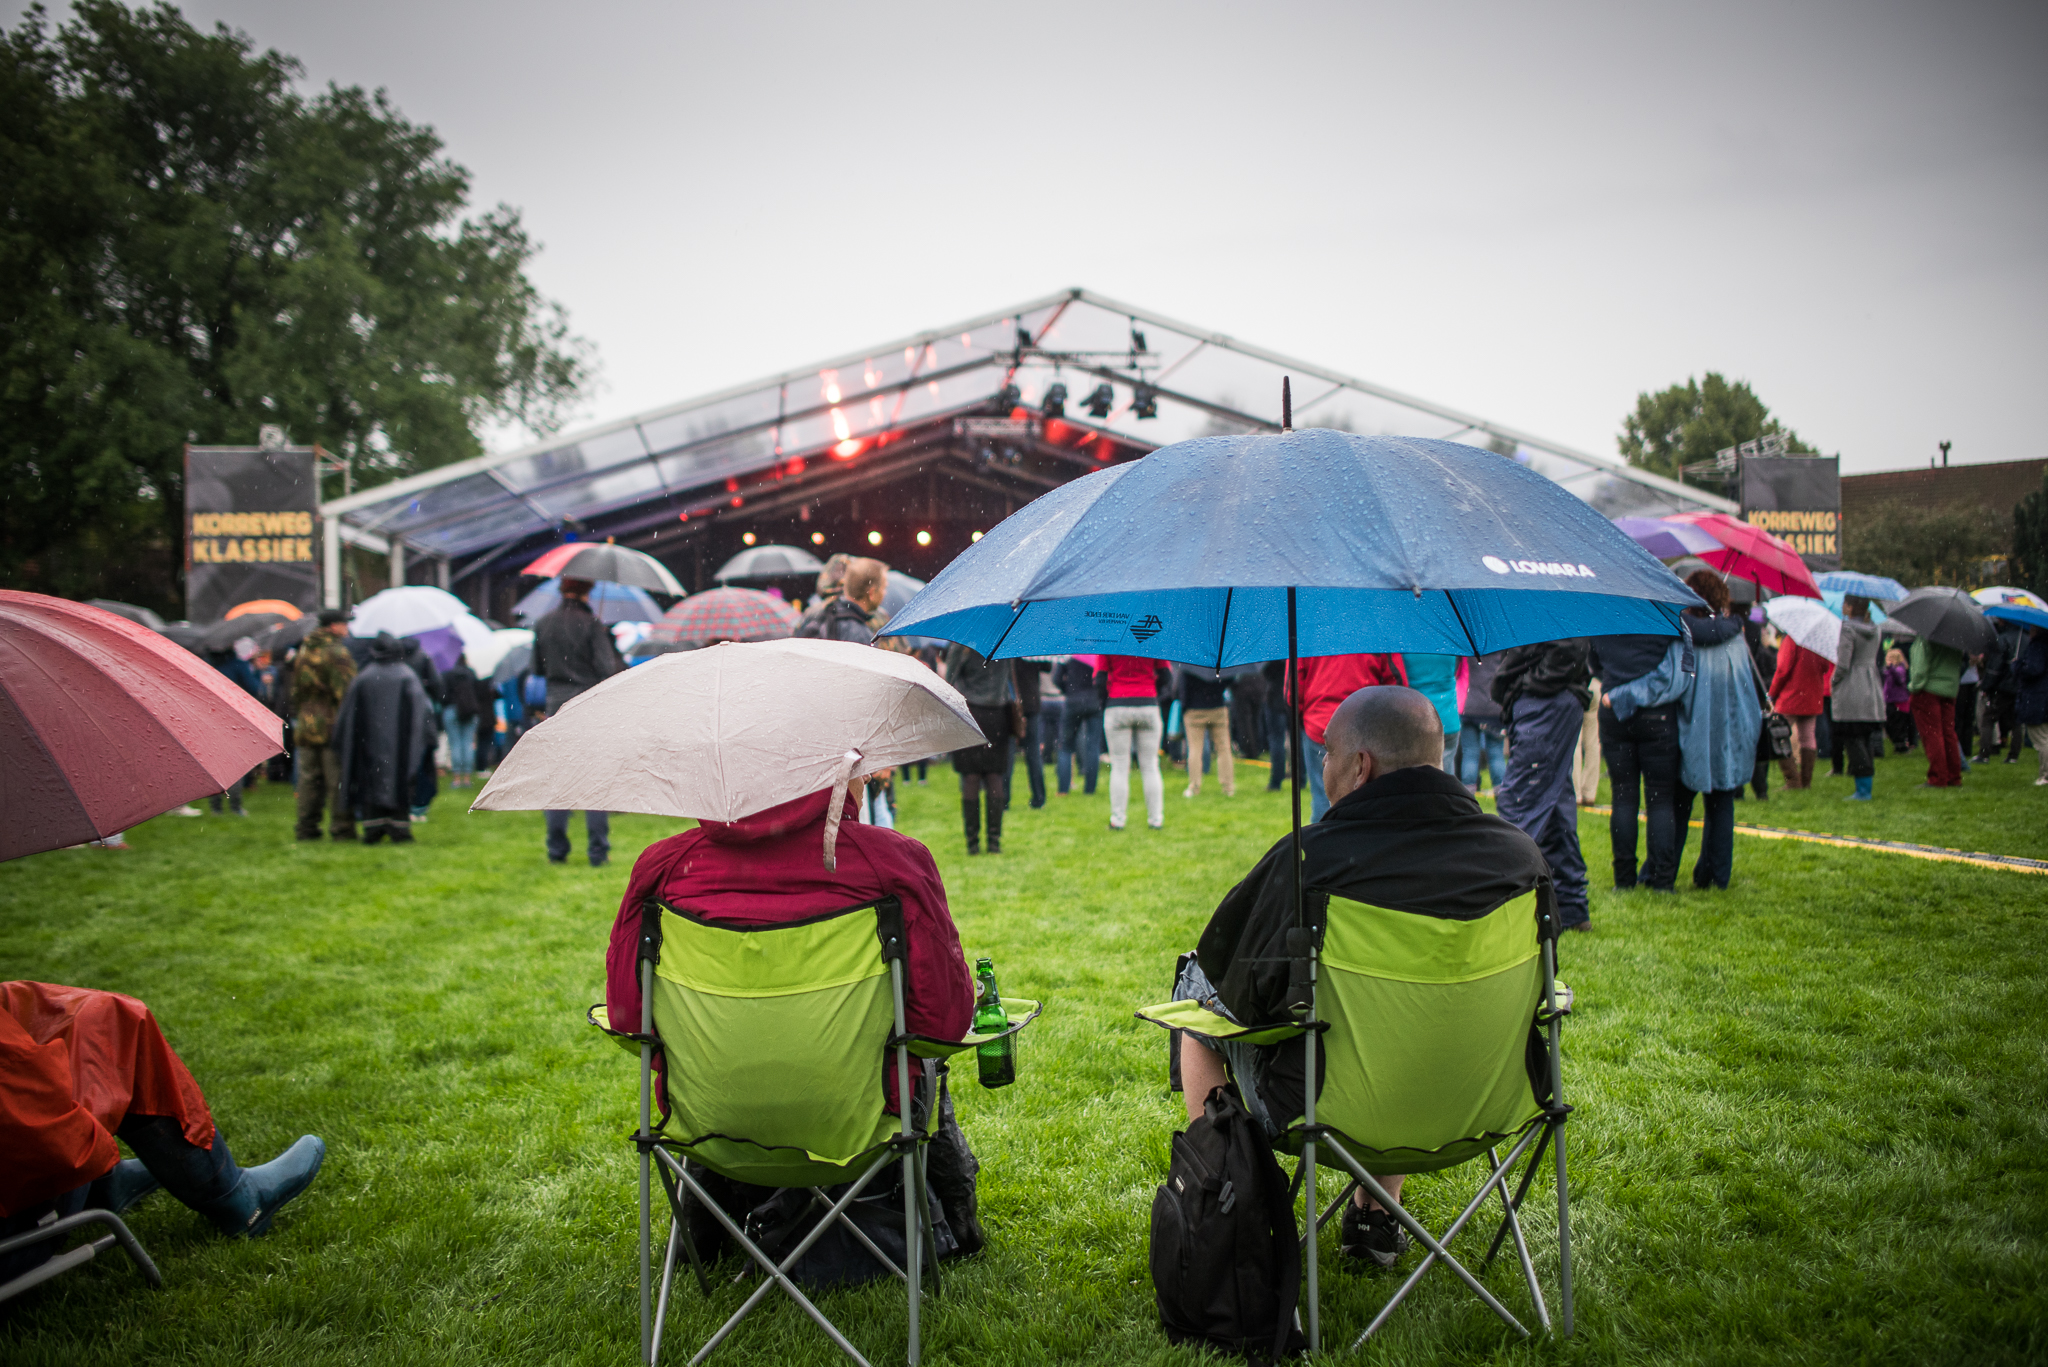 Korreweg Klassiek: regenachtig maar zonnig in sfeer